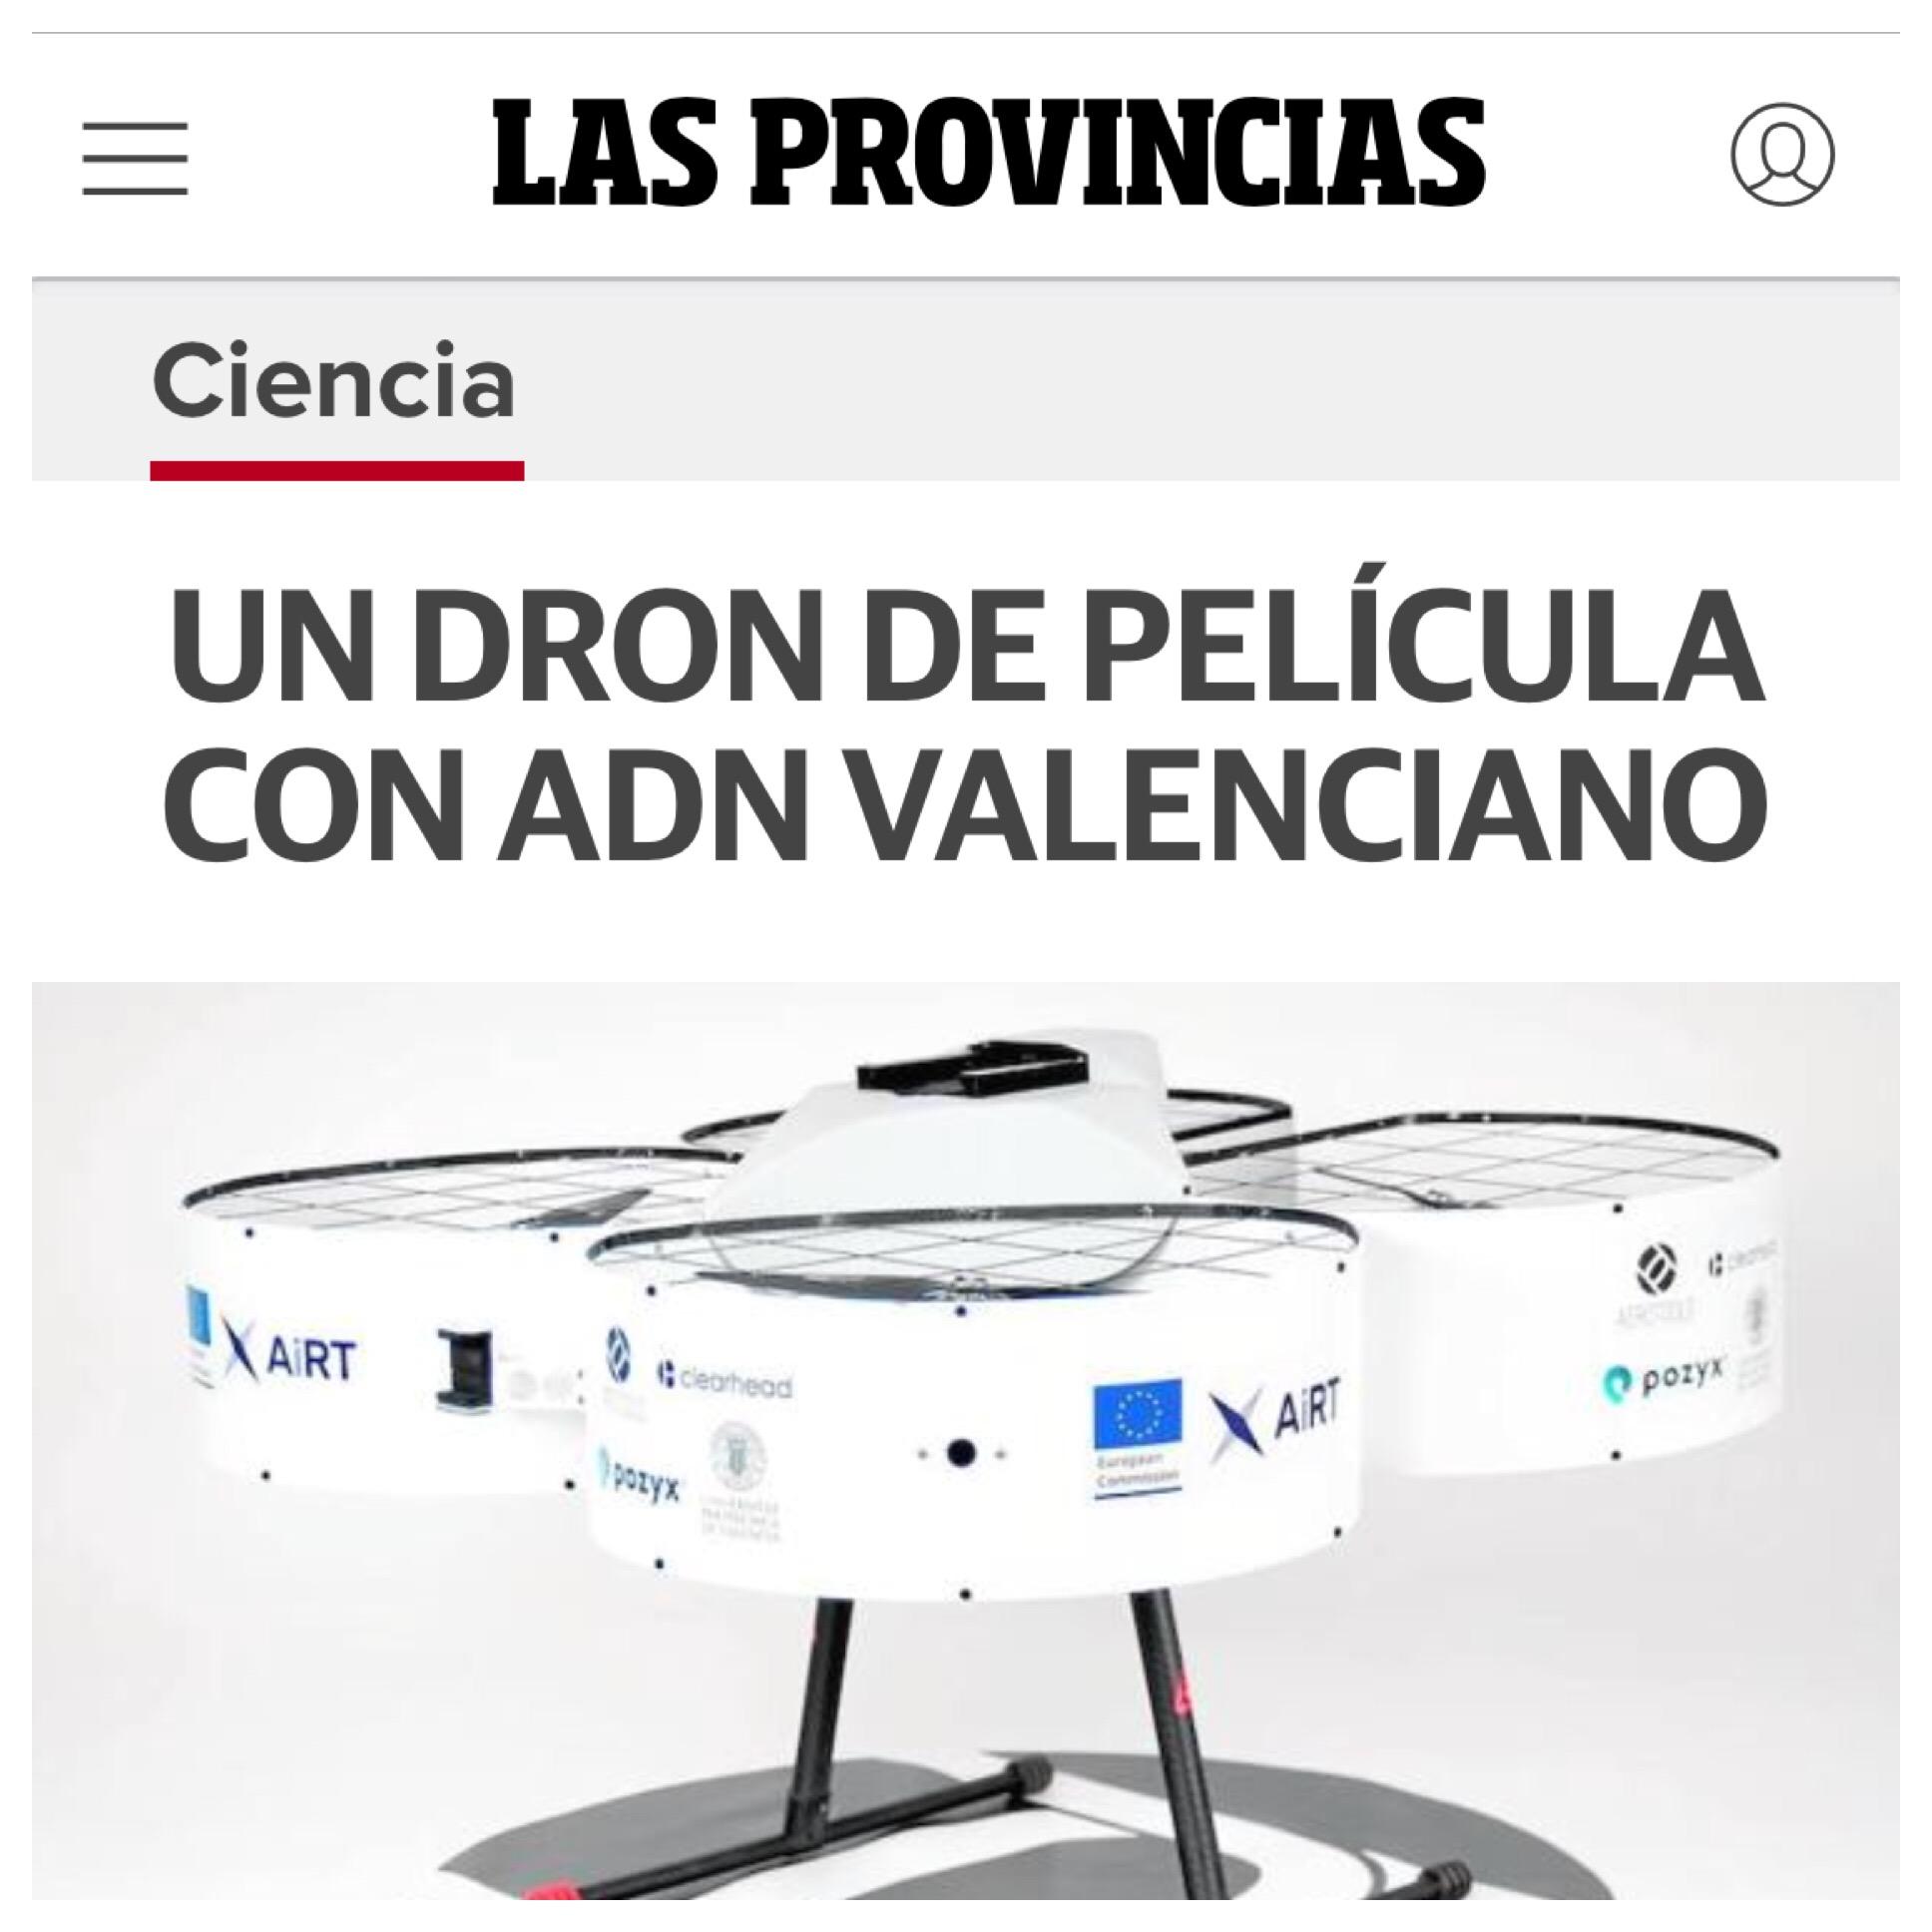 AiRT in Las Provincias